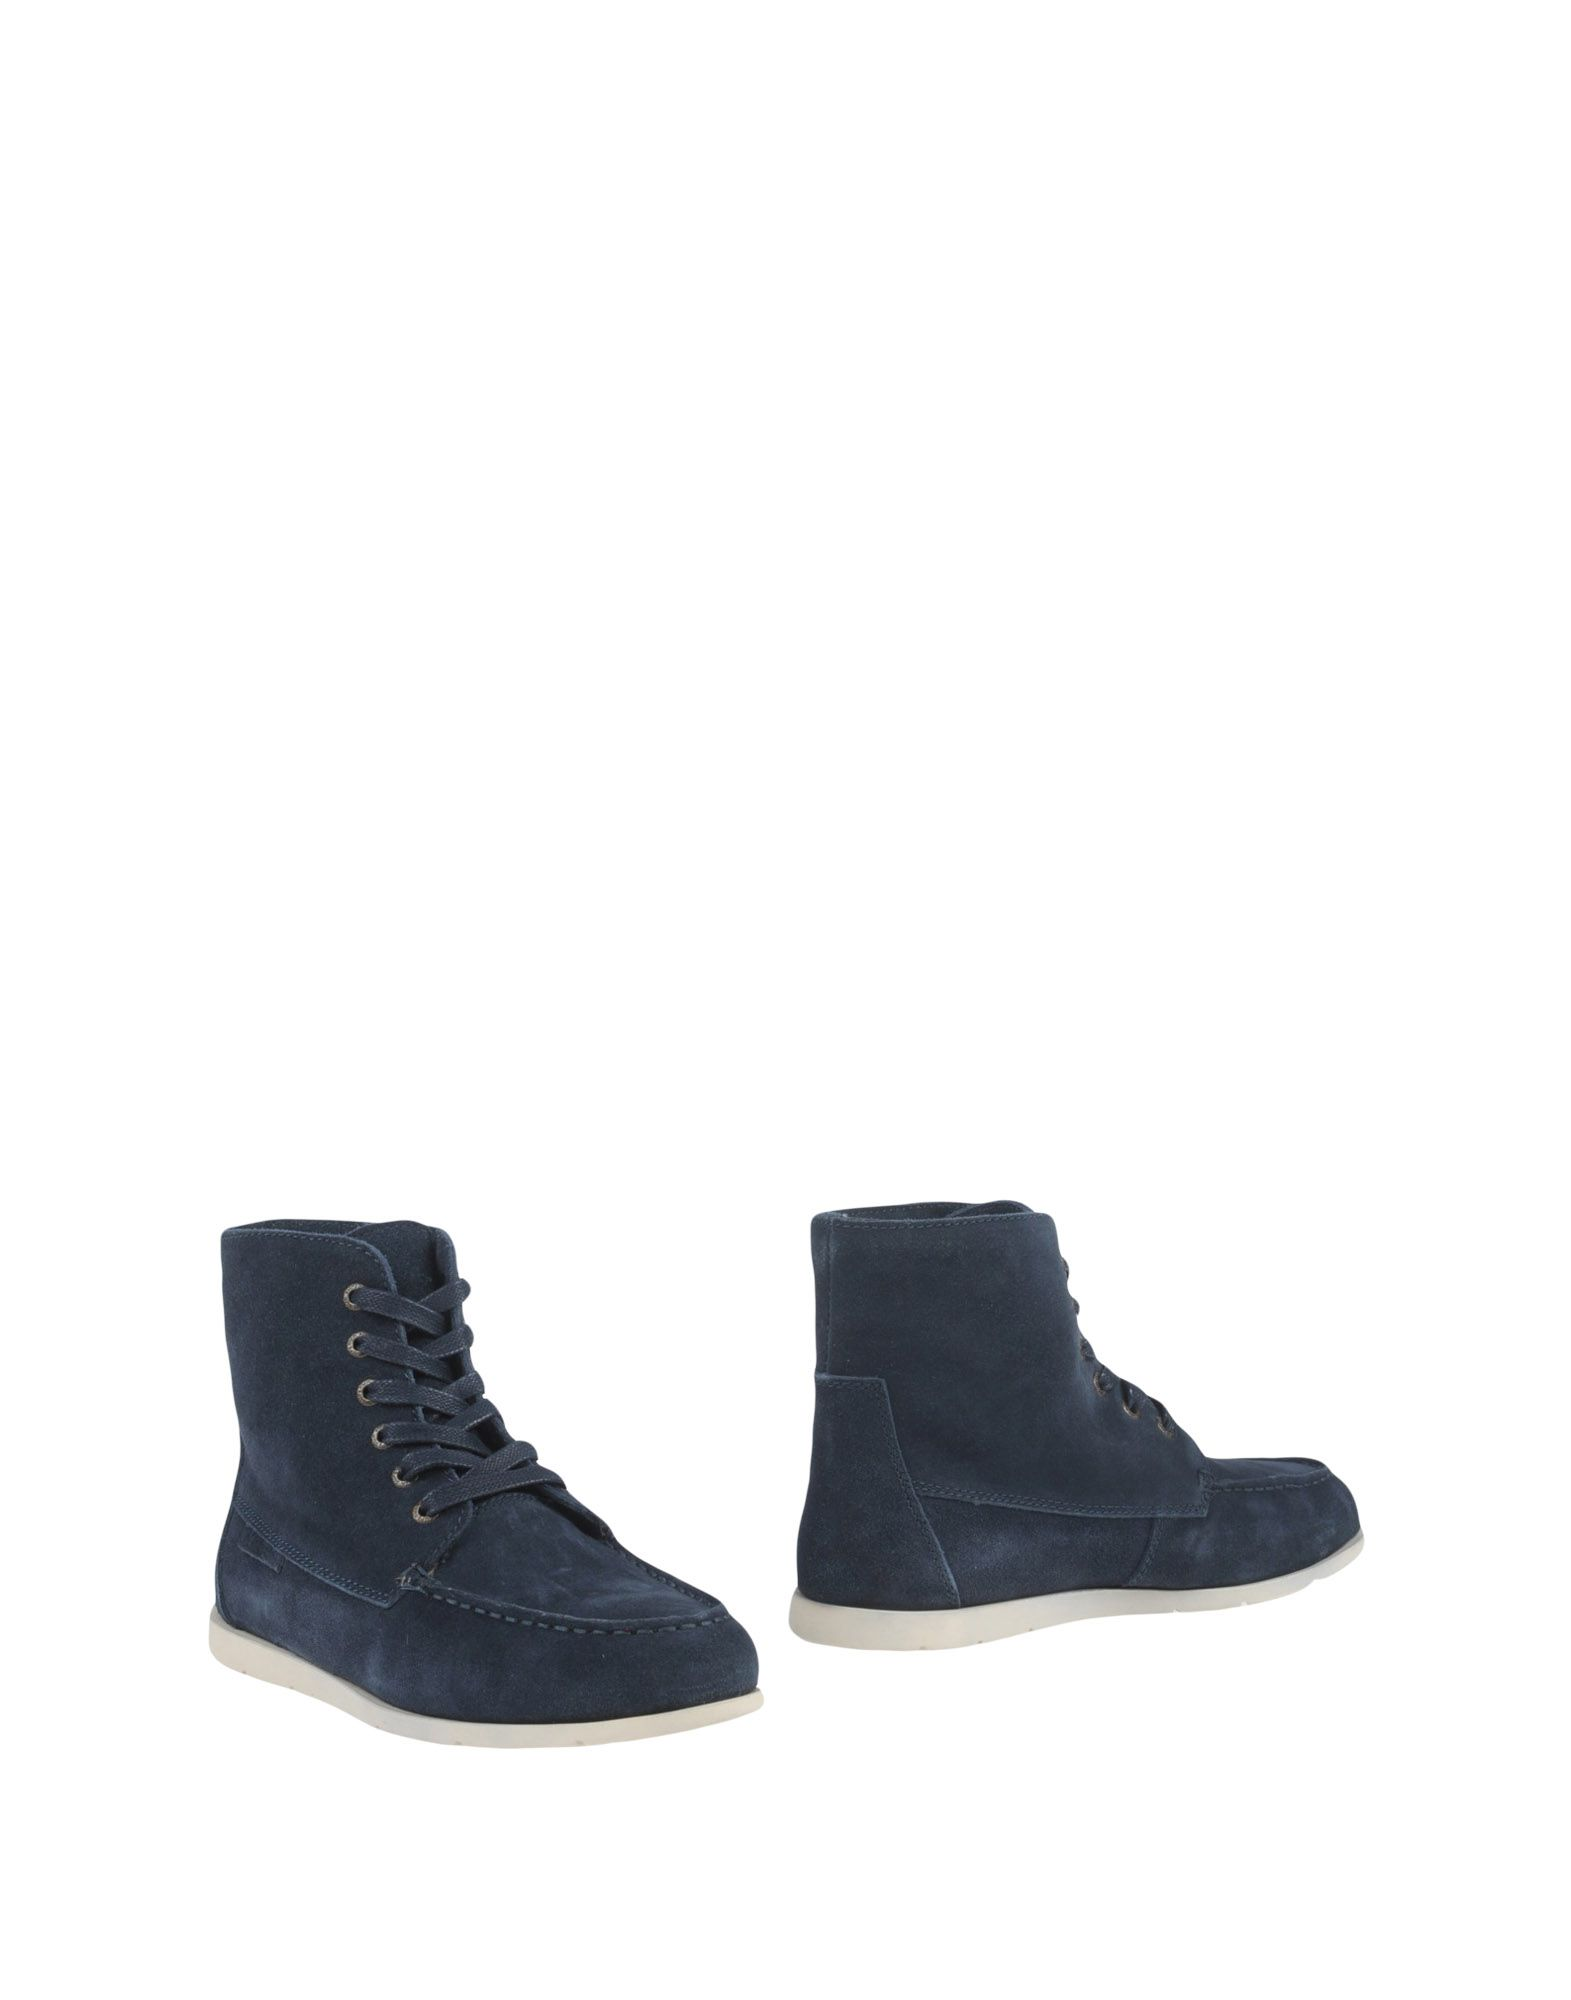 Stiefelette Superga® Stiefelette  Herren  11365754SD Heiße Schuhe ce9cf8